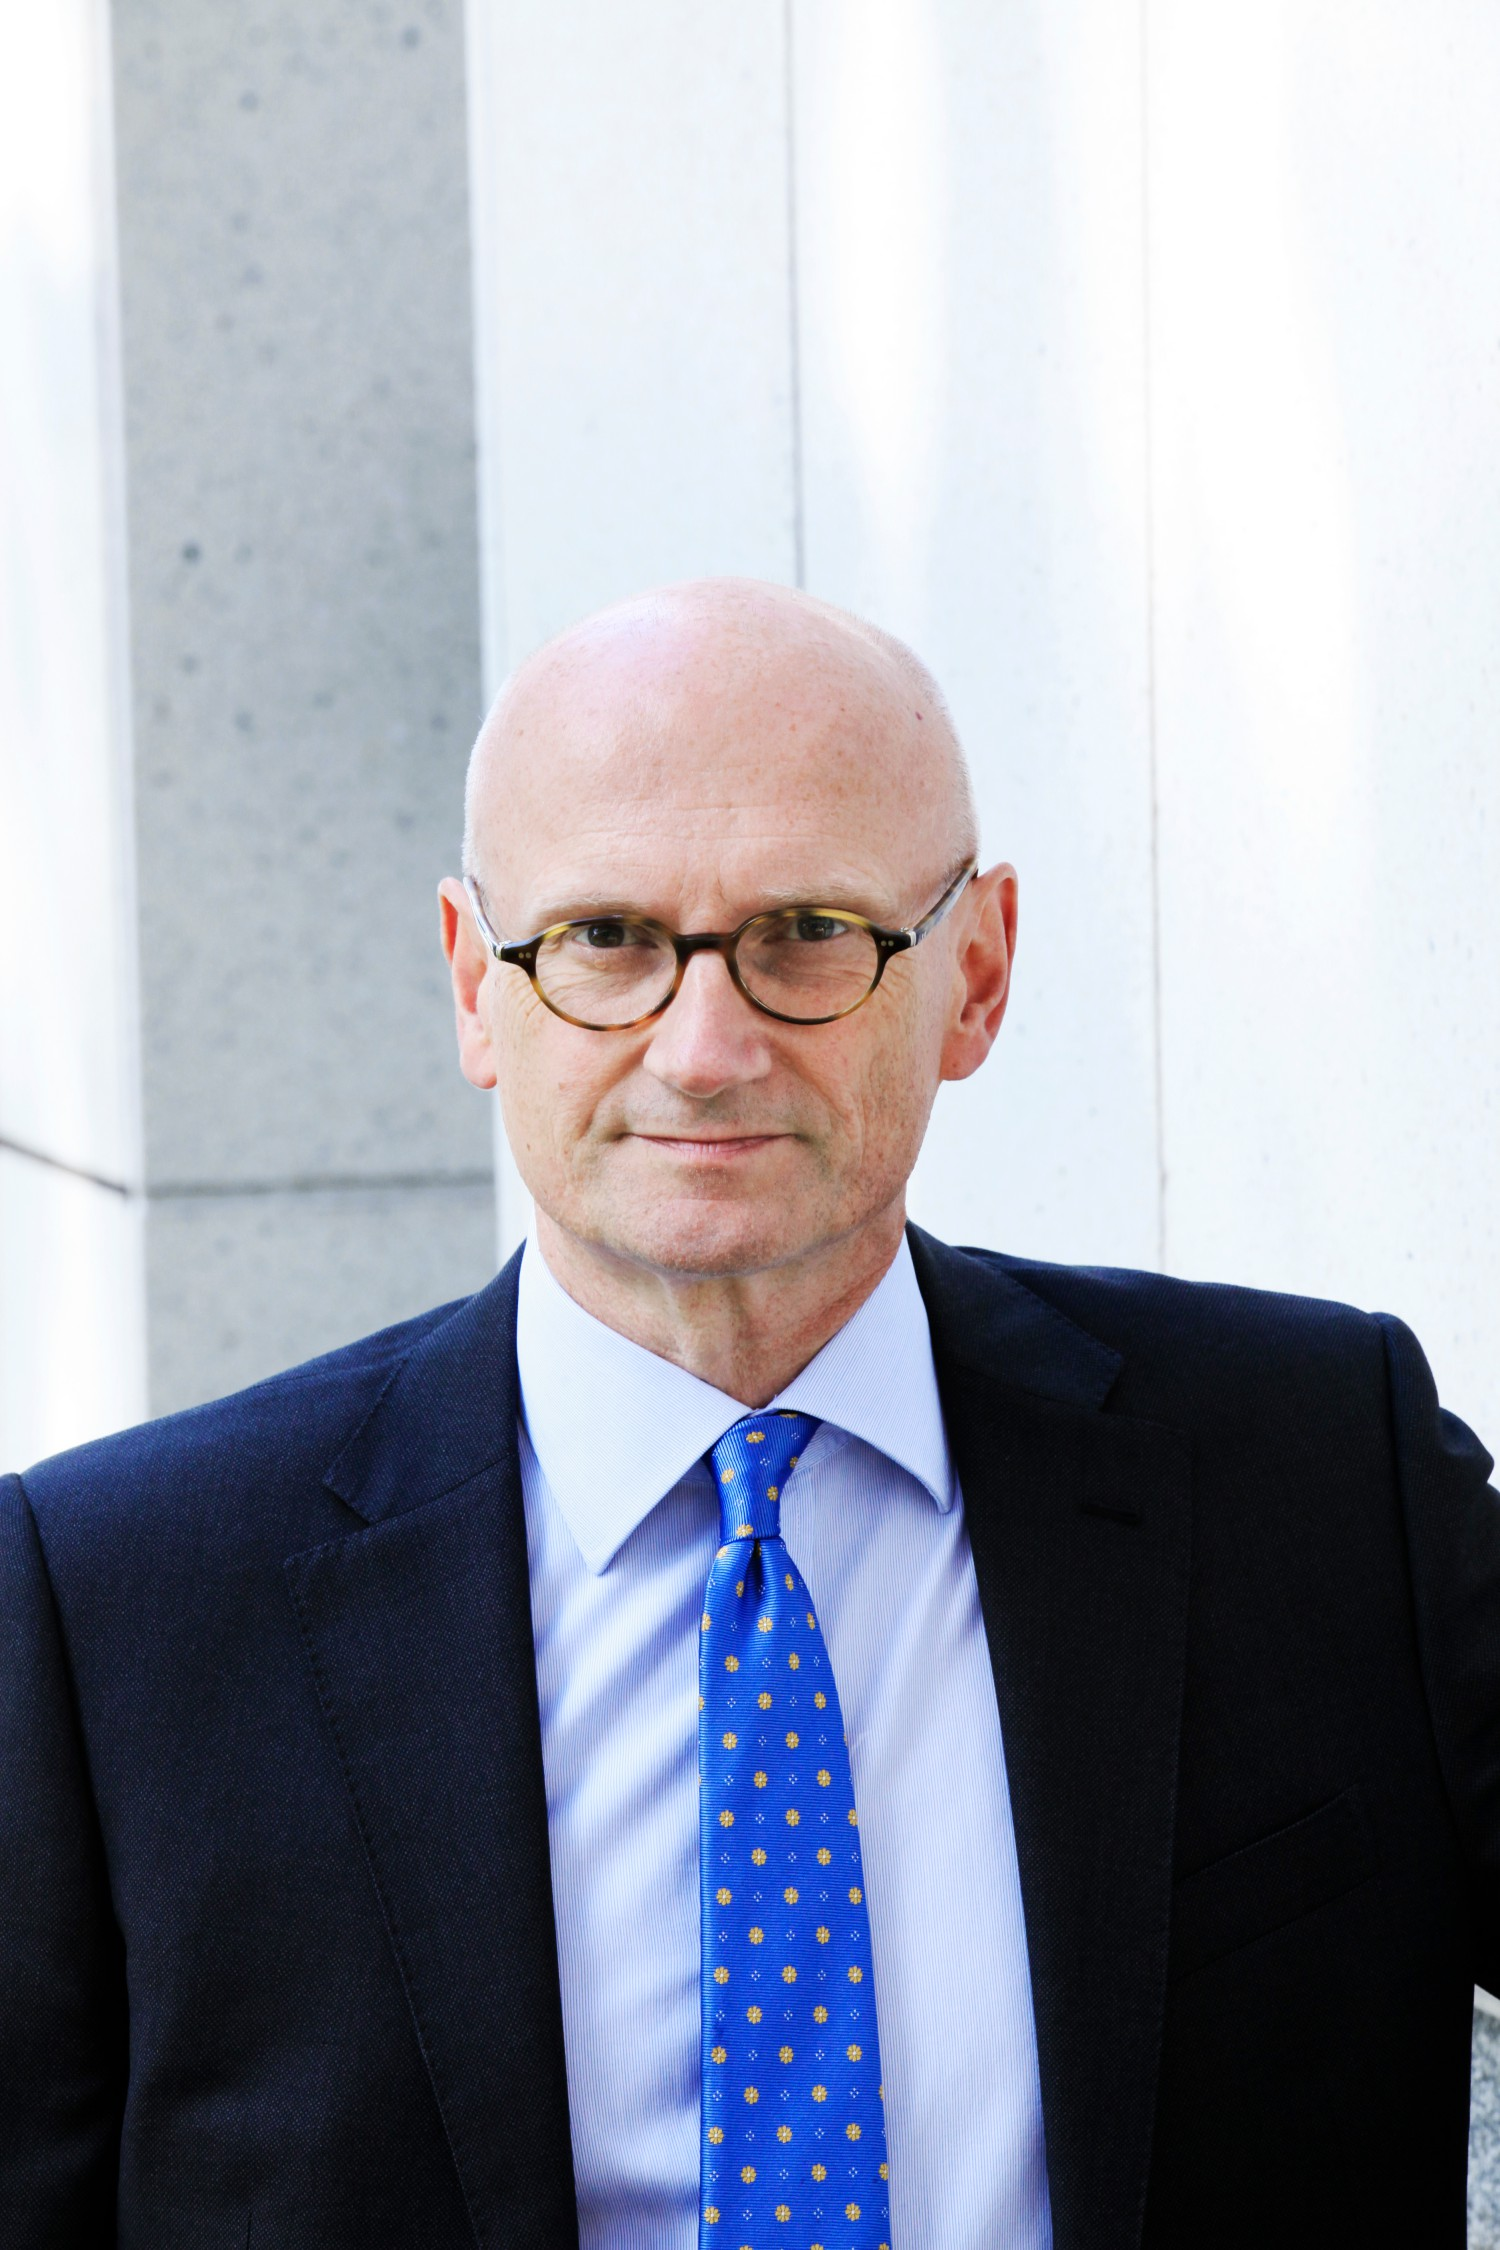 Henrik Normann i NIB - välfärden behöver också en bankdirektör